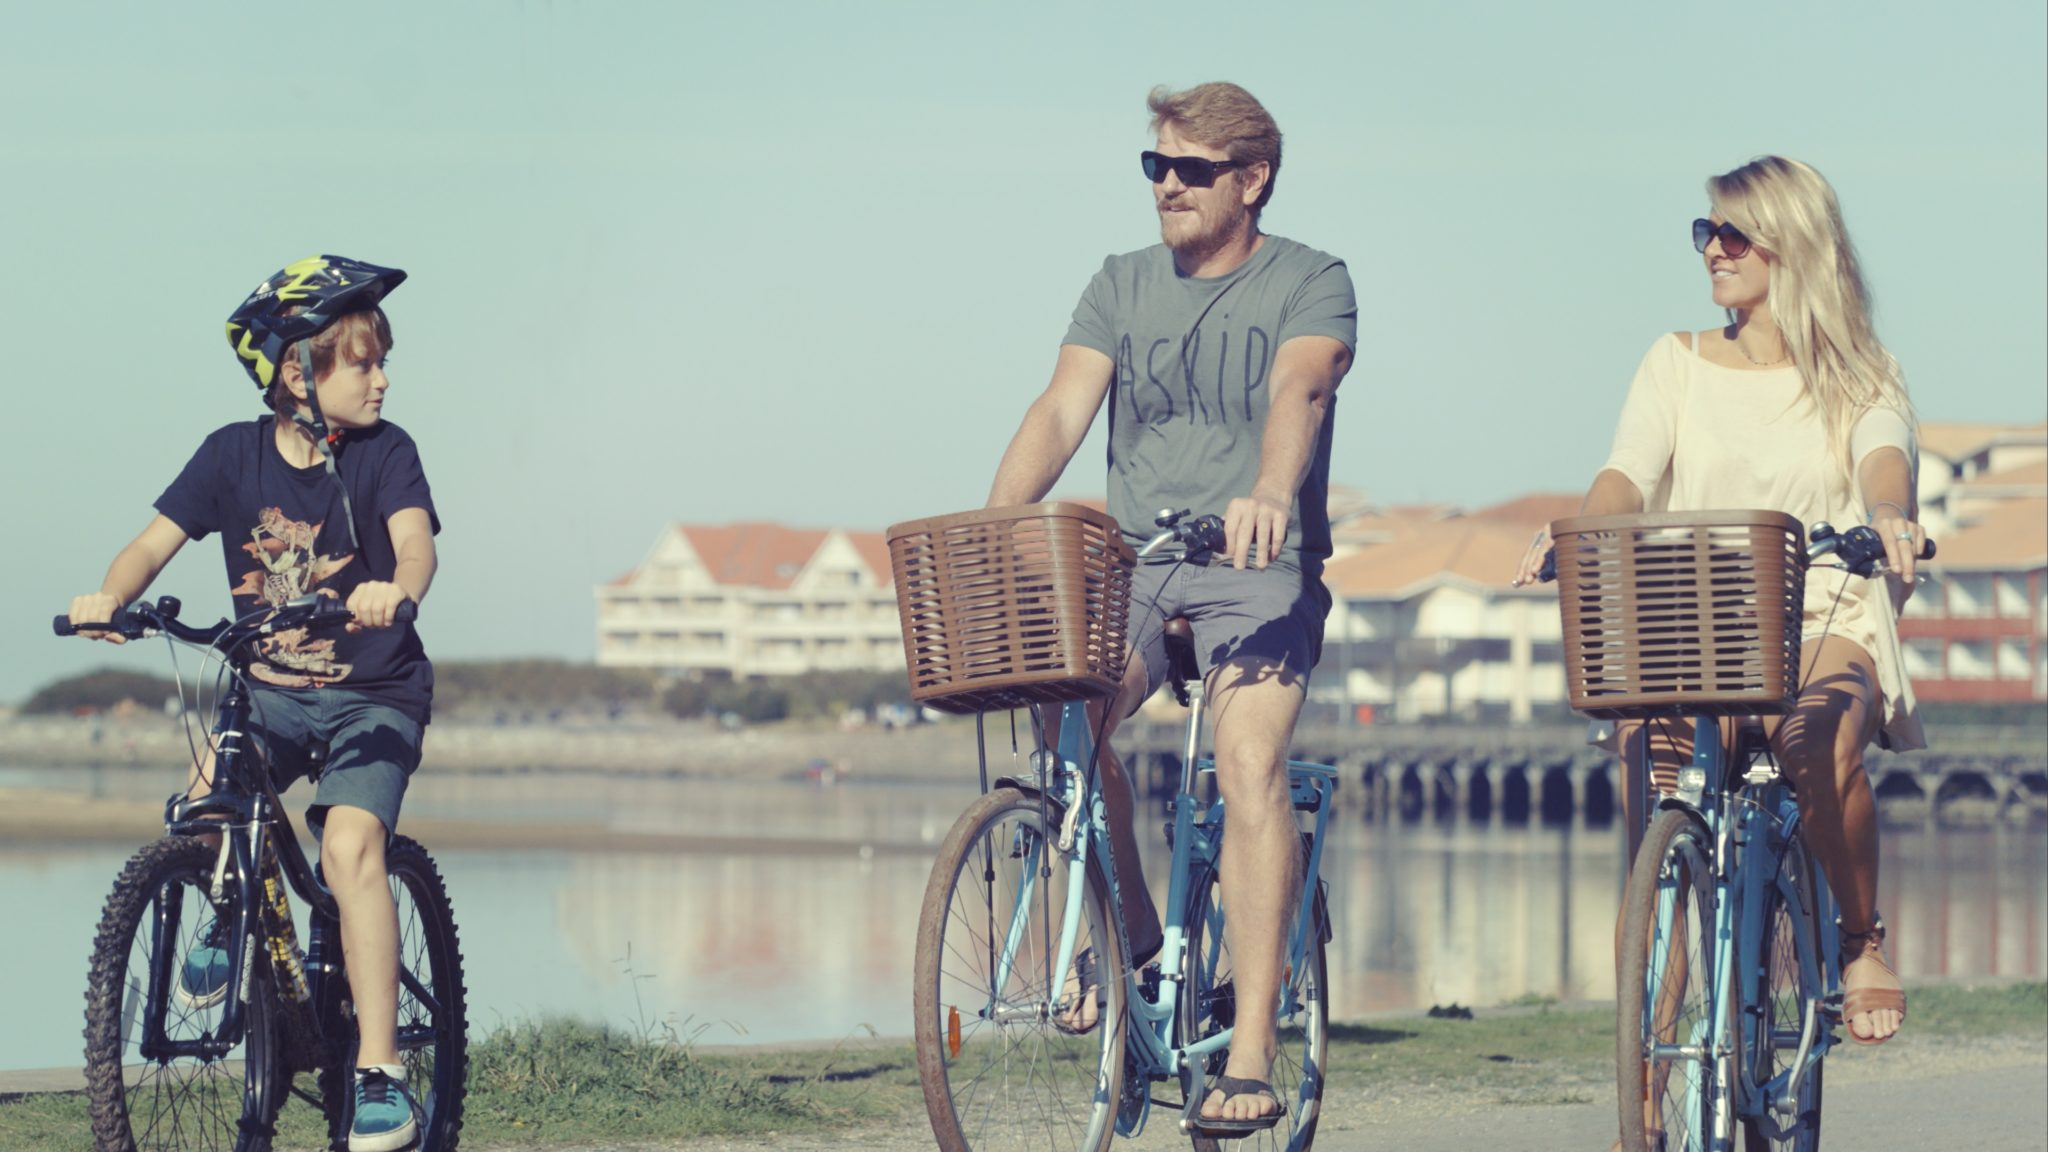 Balade en famille autour du lac à Port d'Albret en vélo